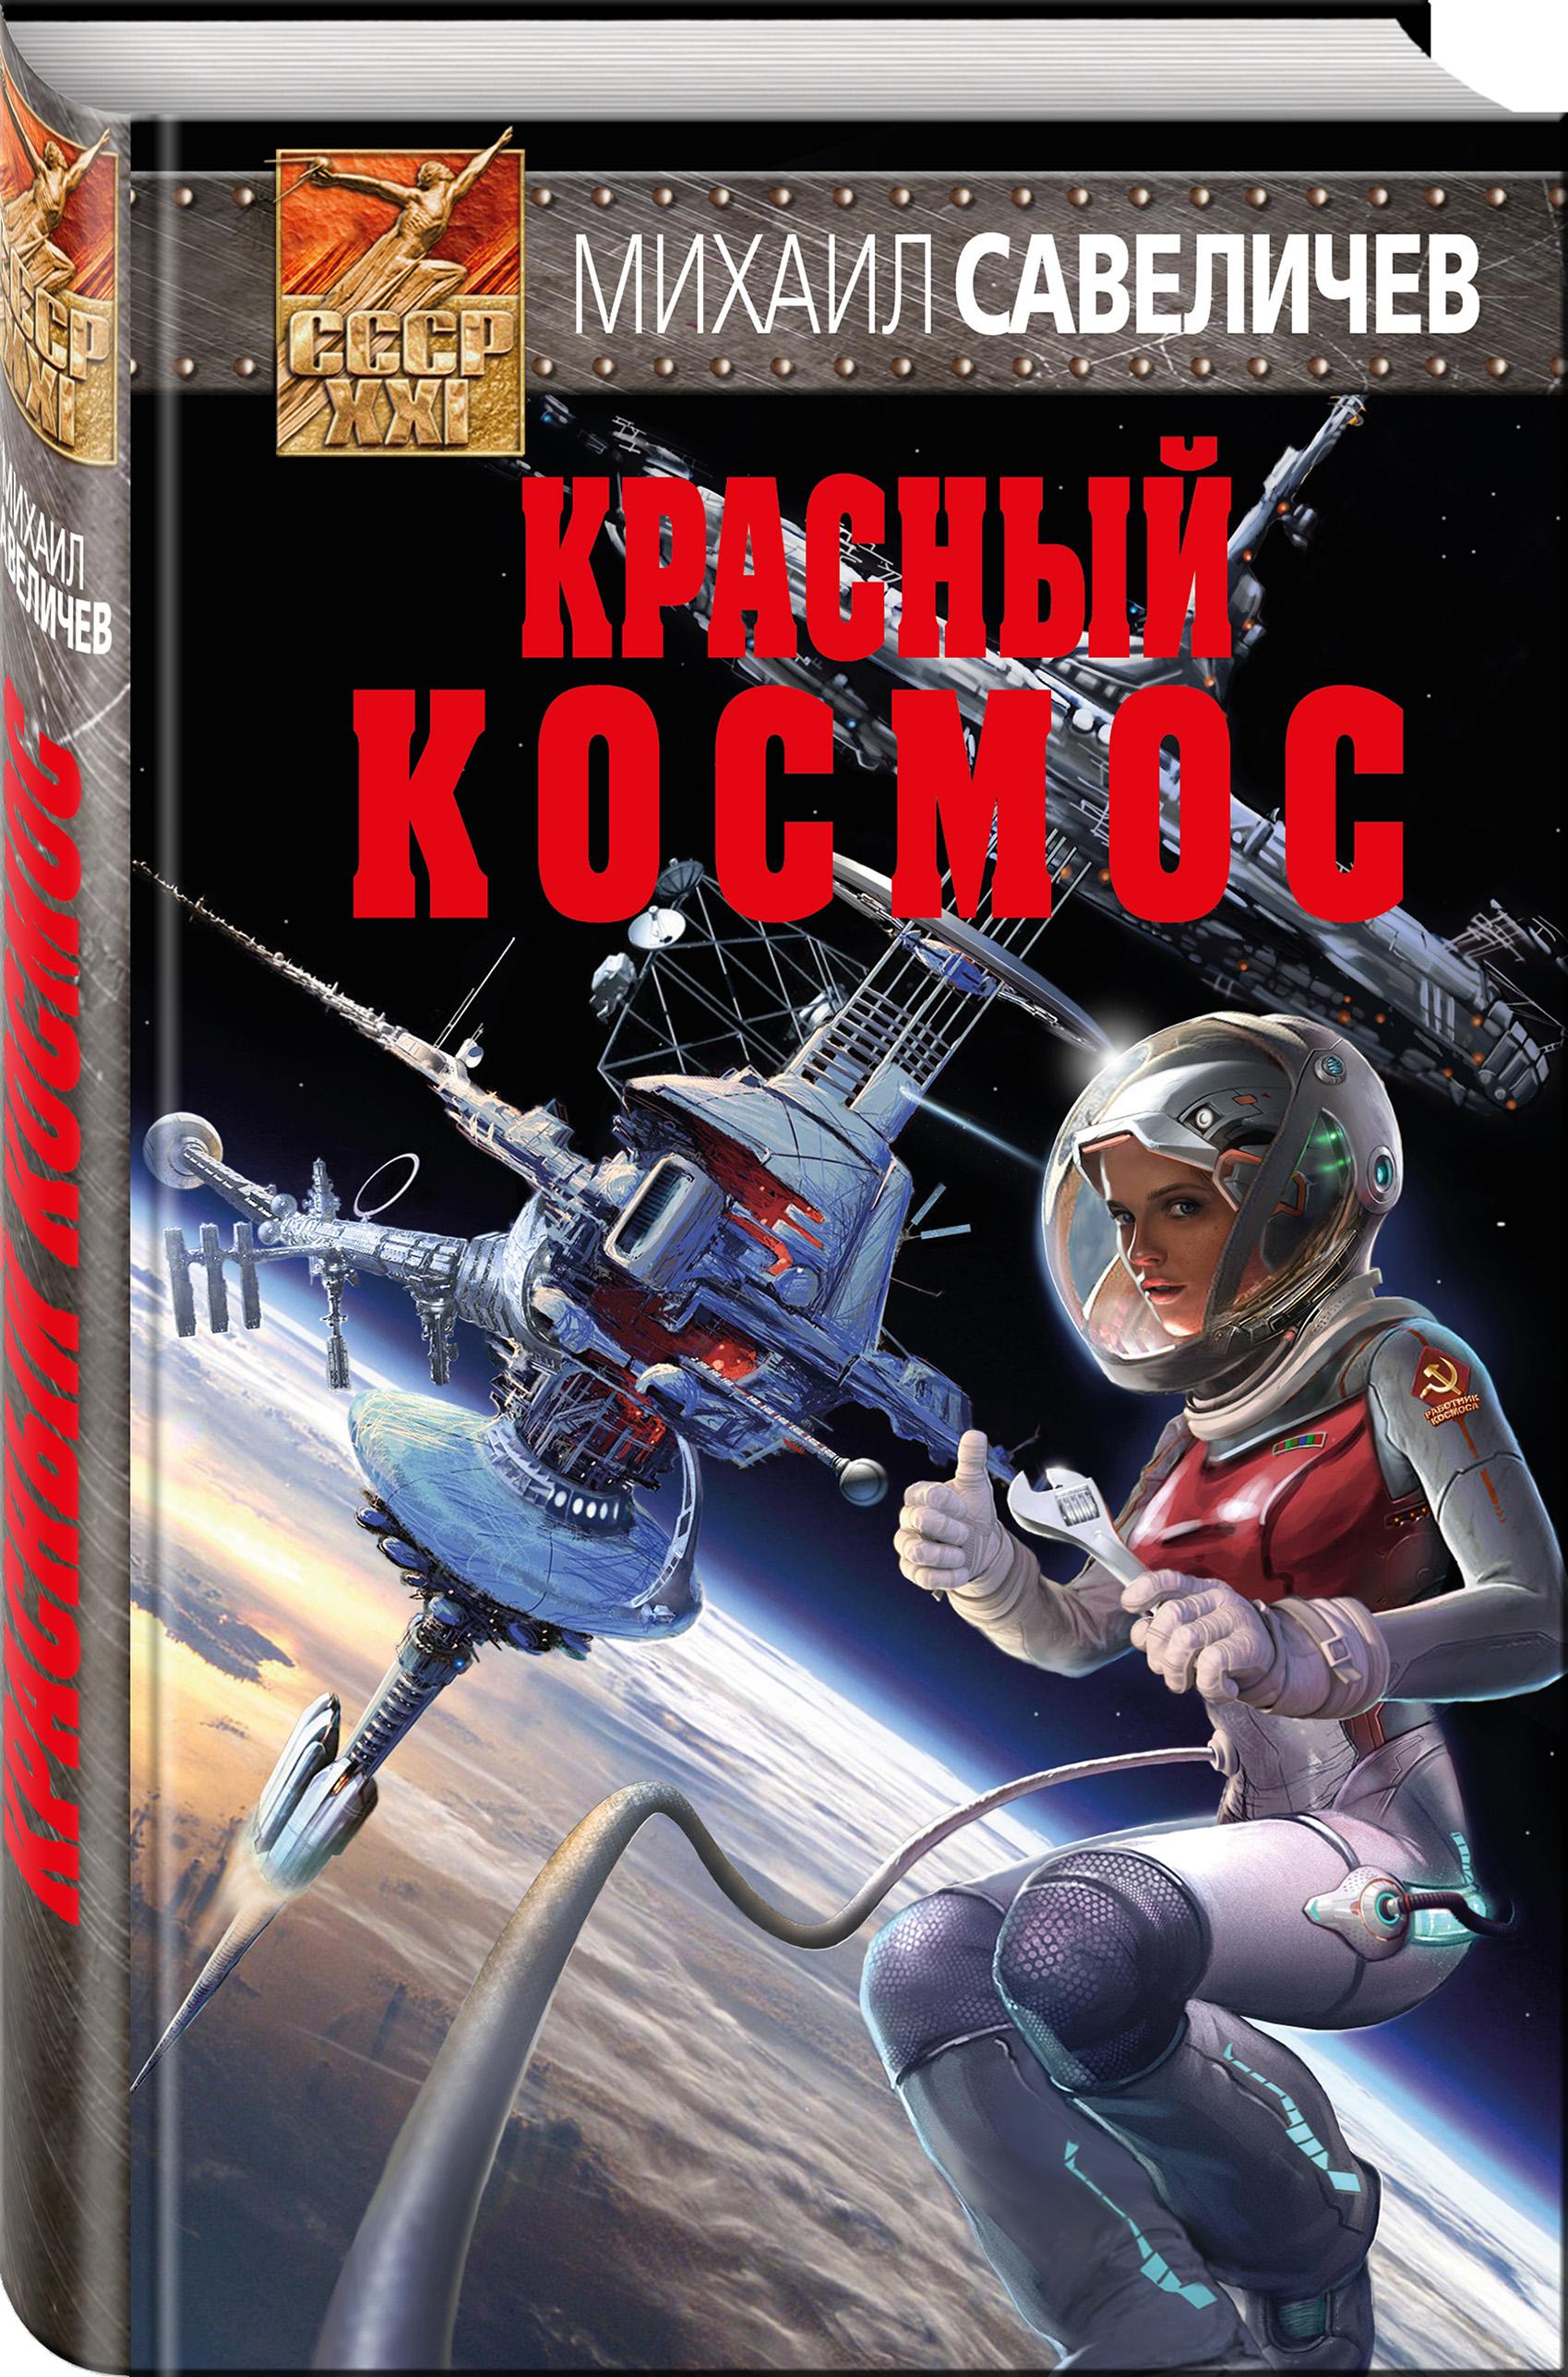 Фото - Михаил Савеличев Красный космос ставка больше чем жизнь 6 dvd